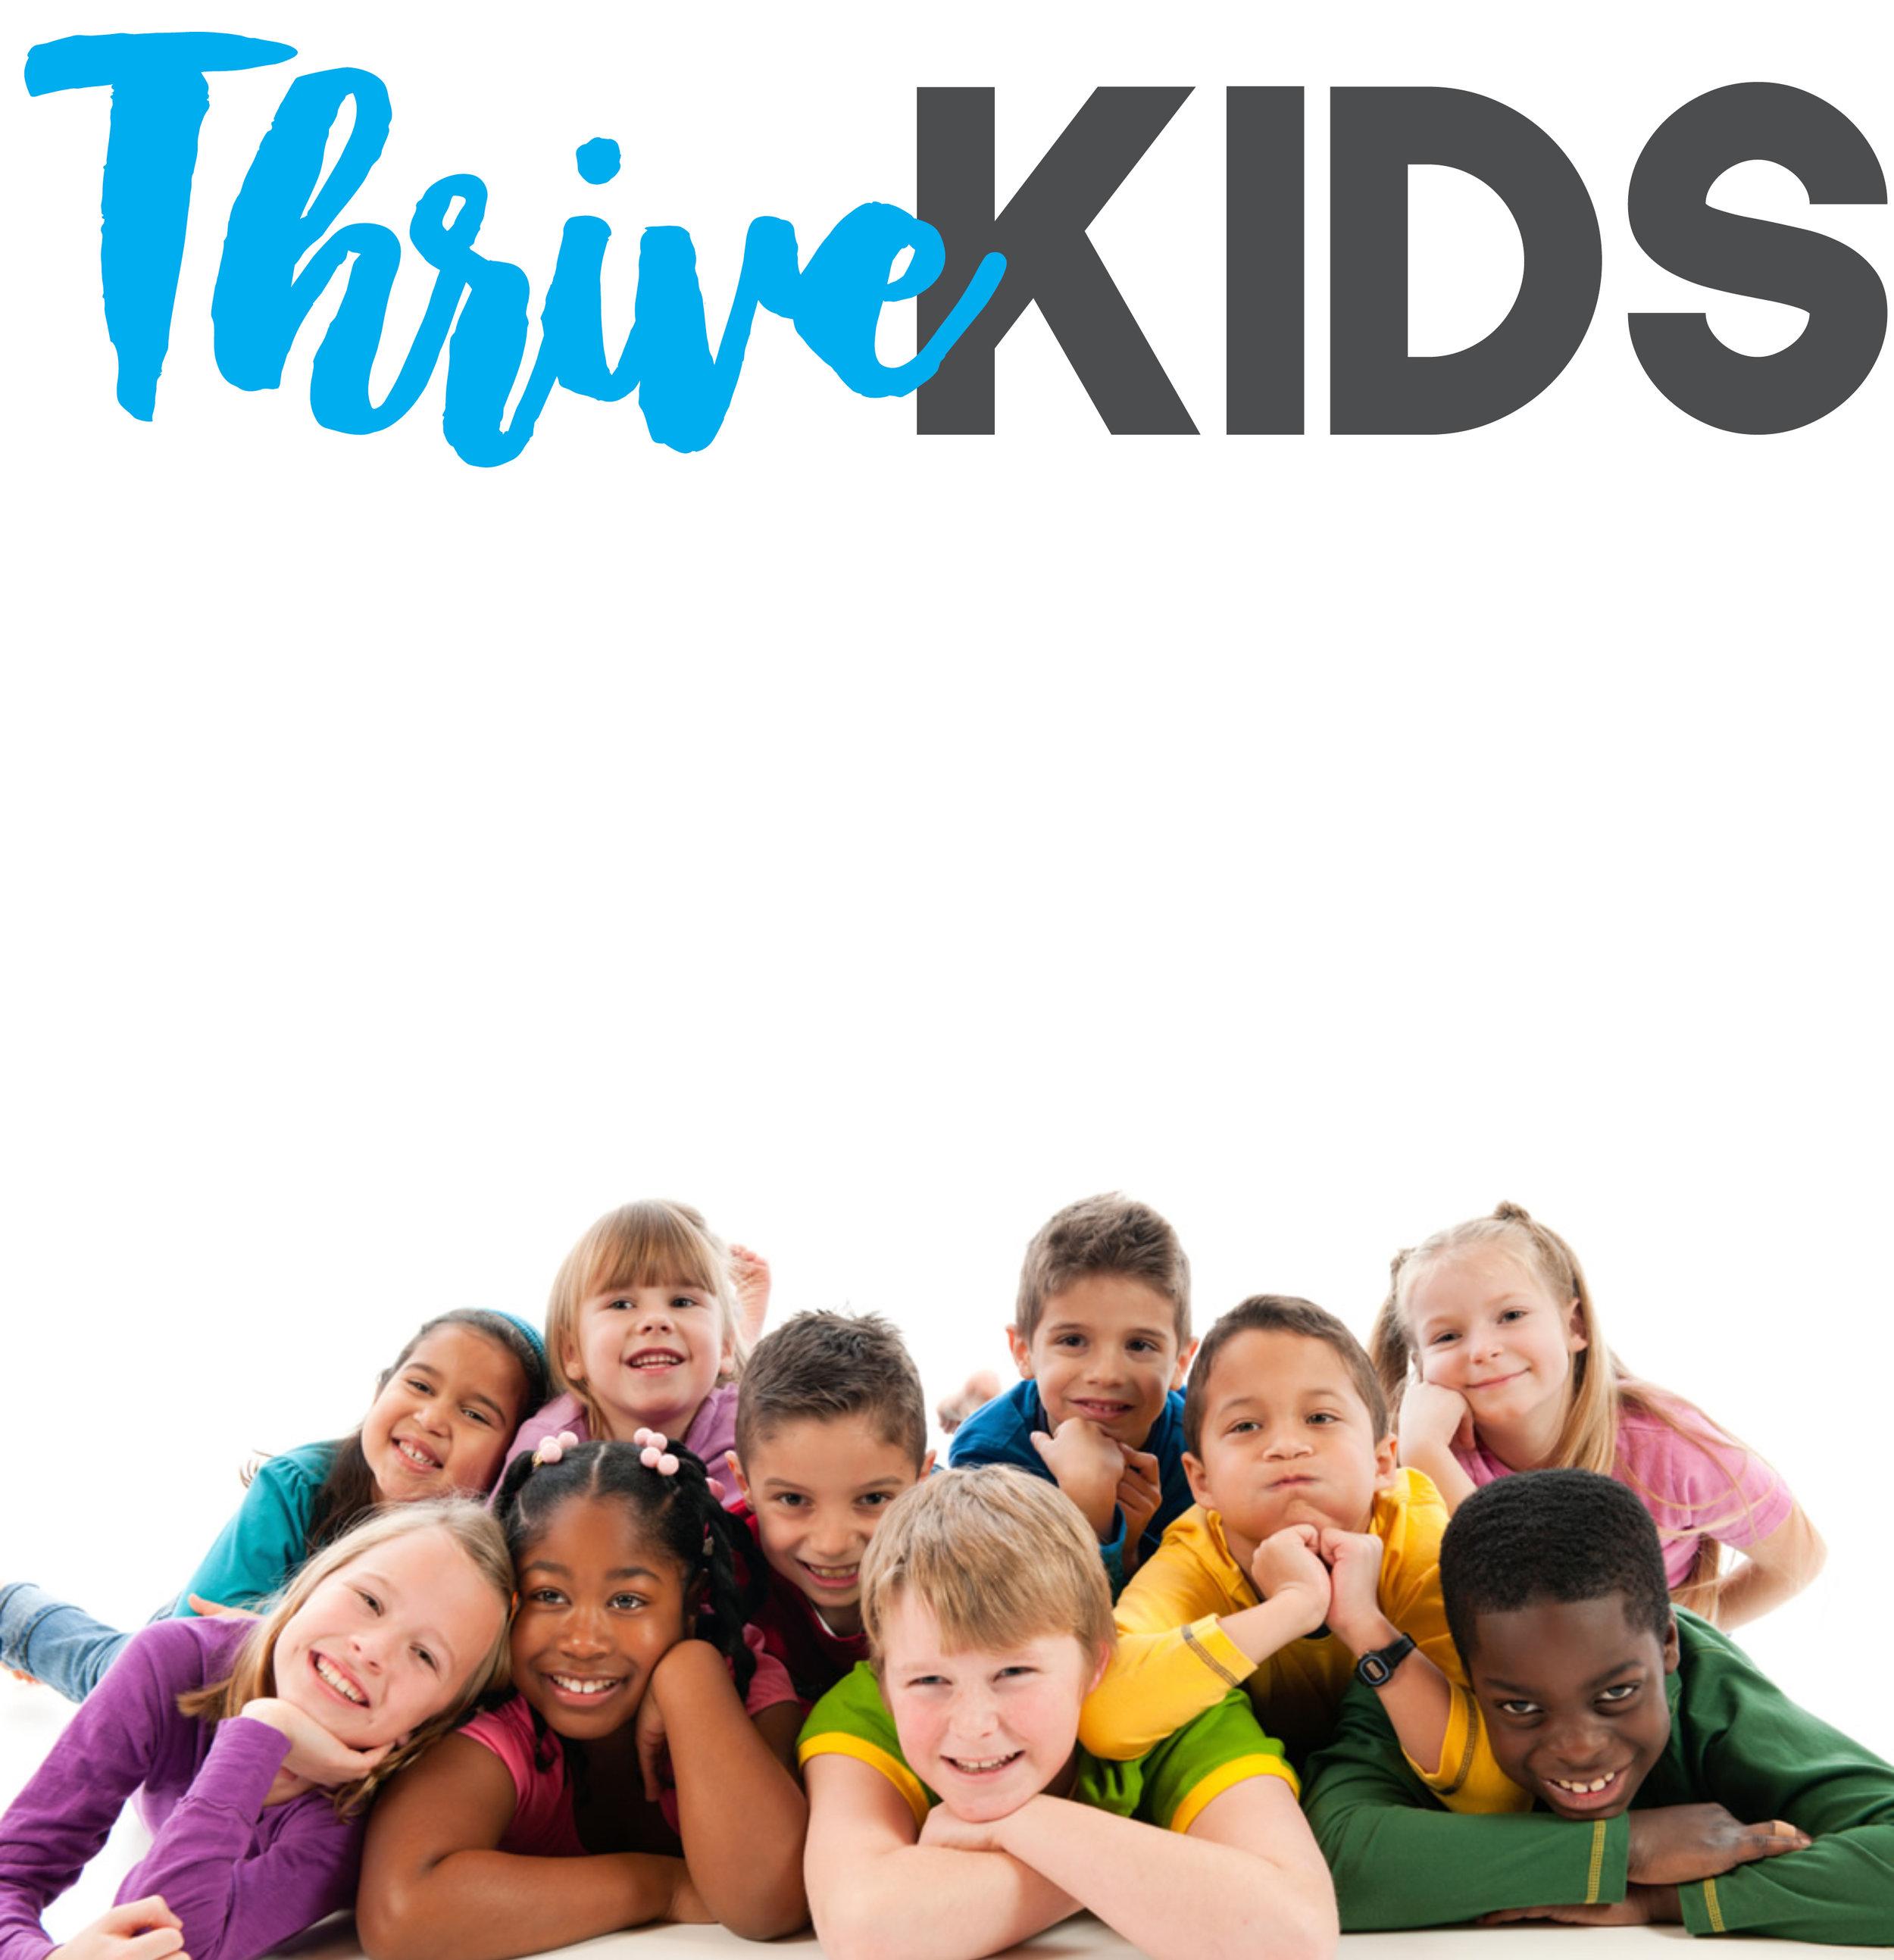 Logo 03 - Kids.jpg